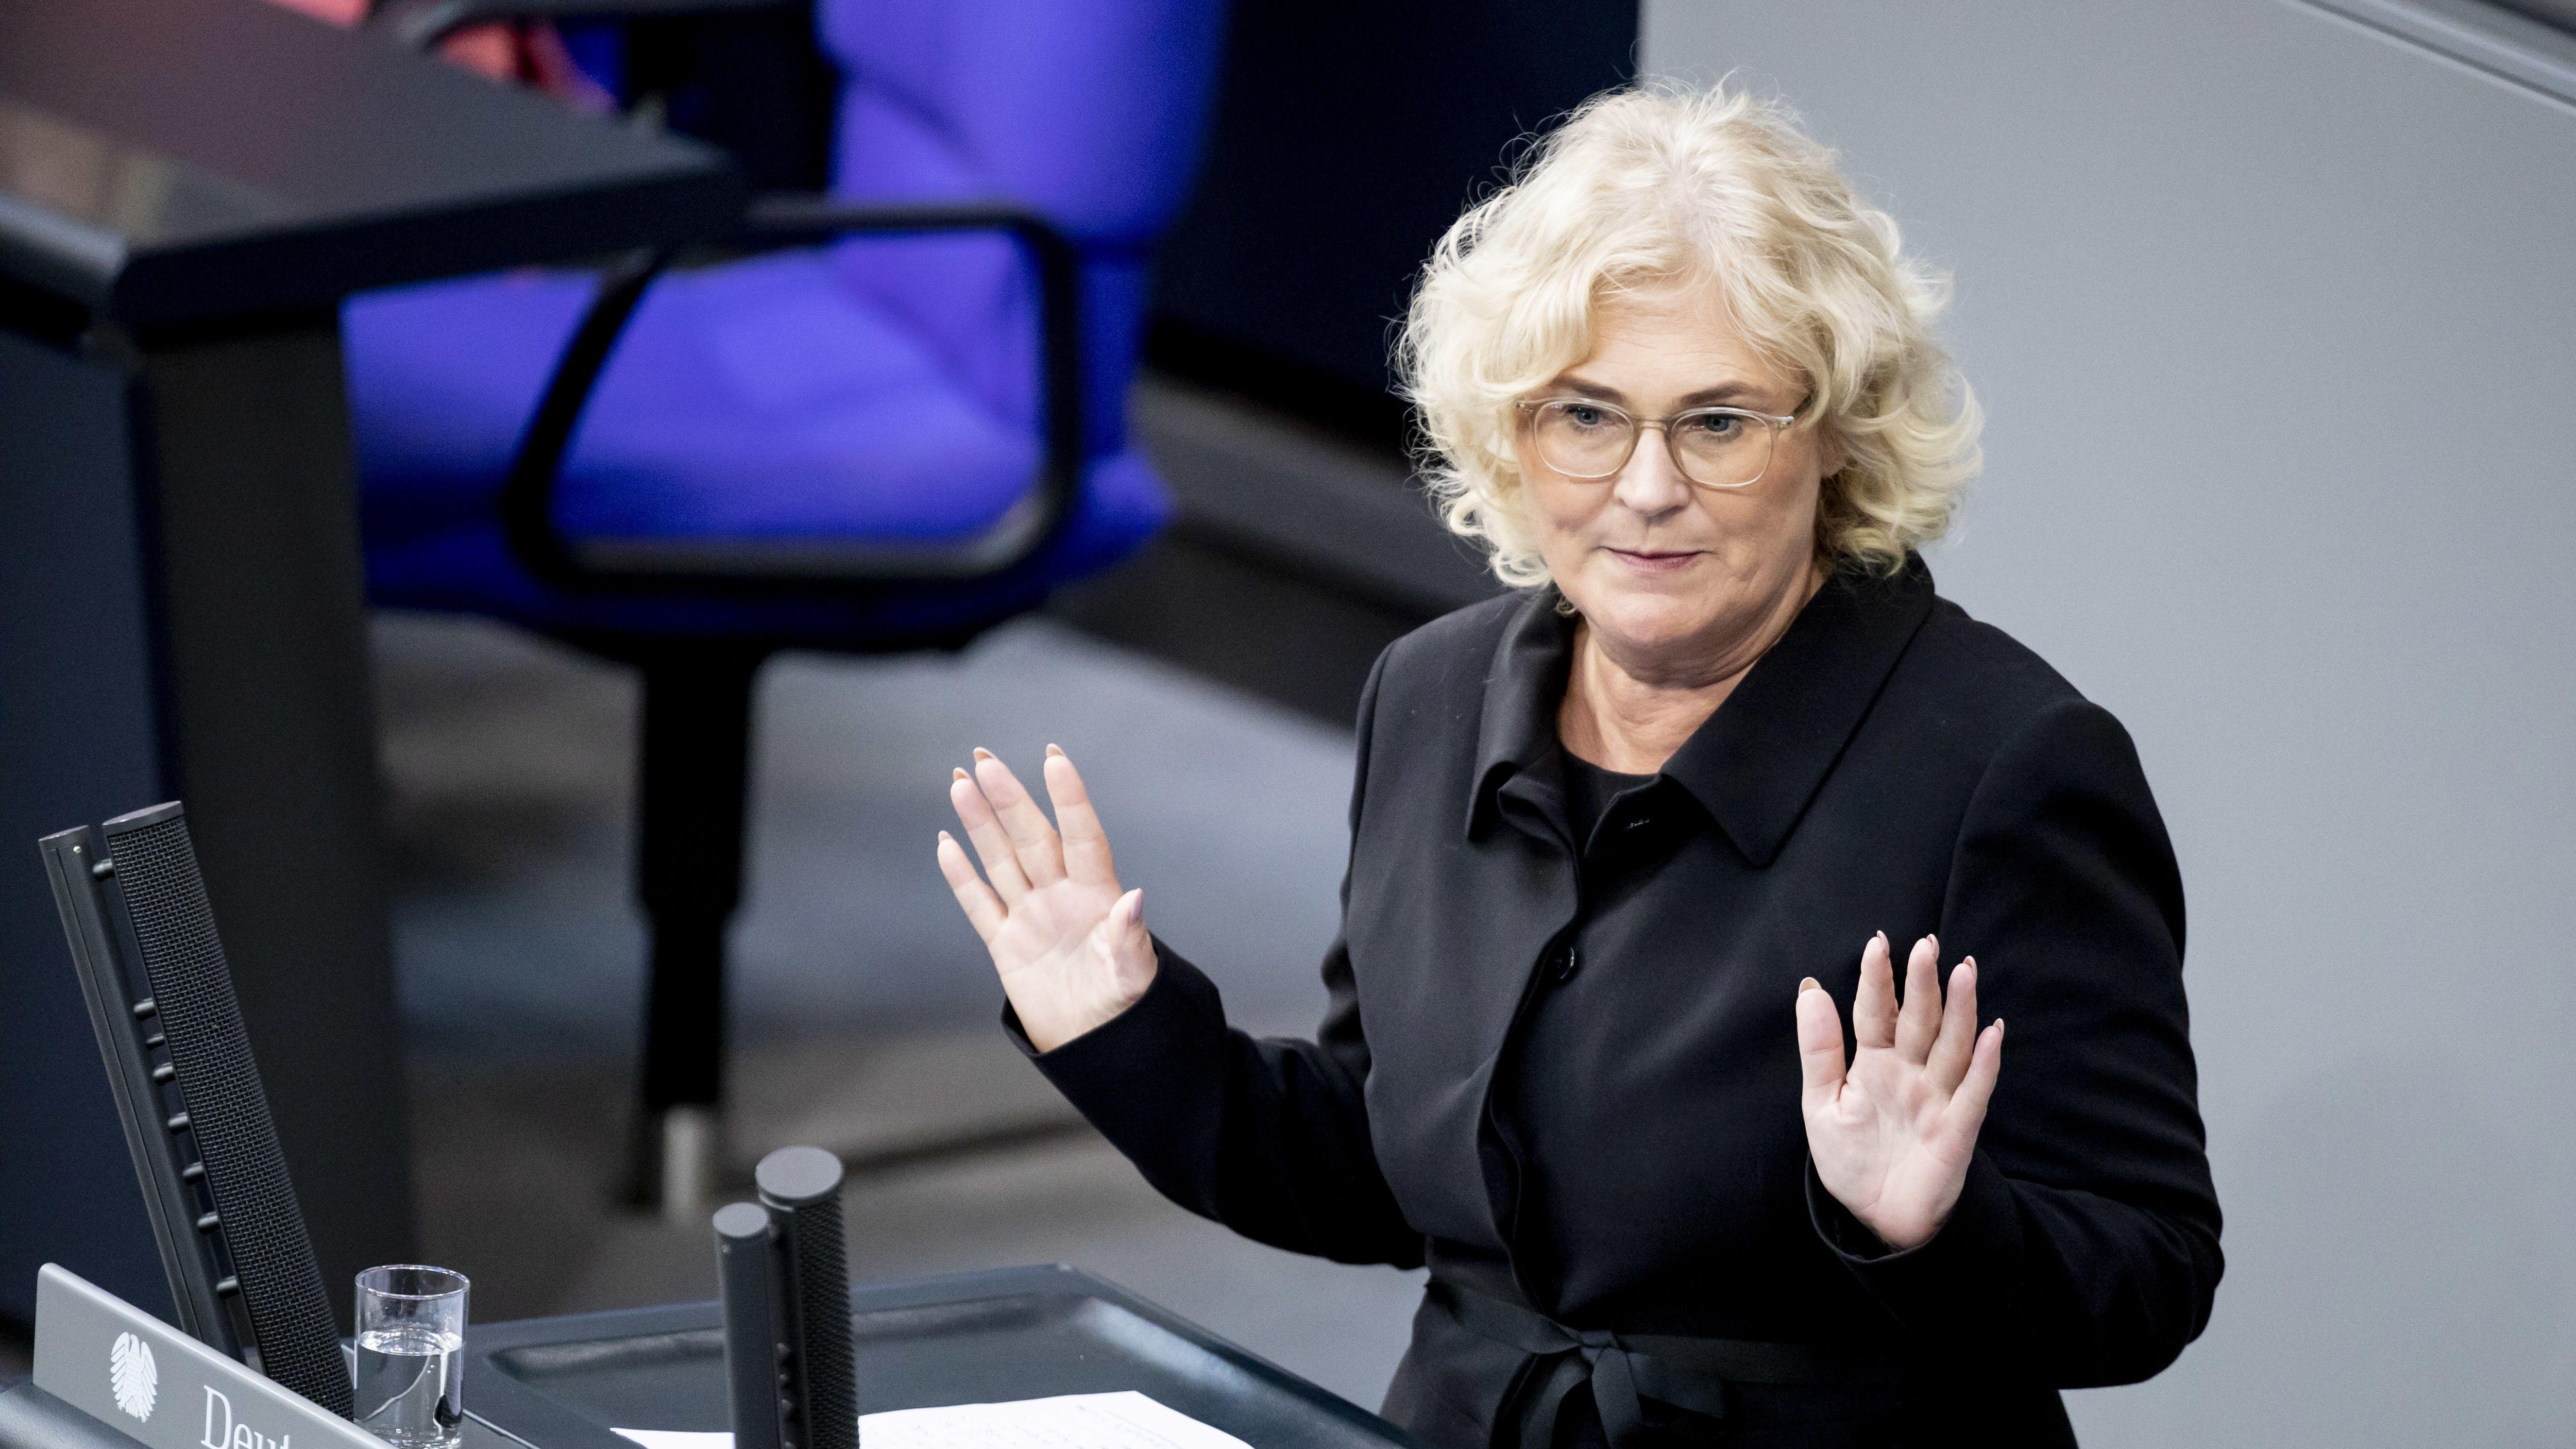 Christine Lambrecht (SPD), Bundesjustizministerin, spricht im Plenum im Bundestag.